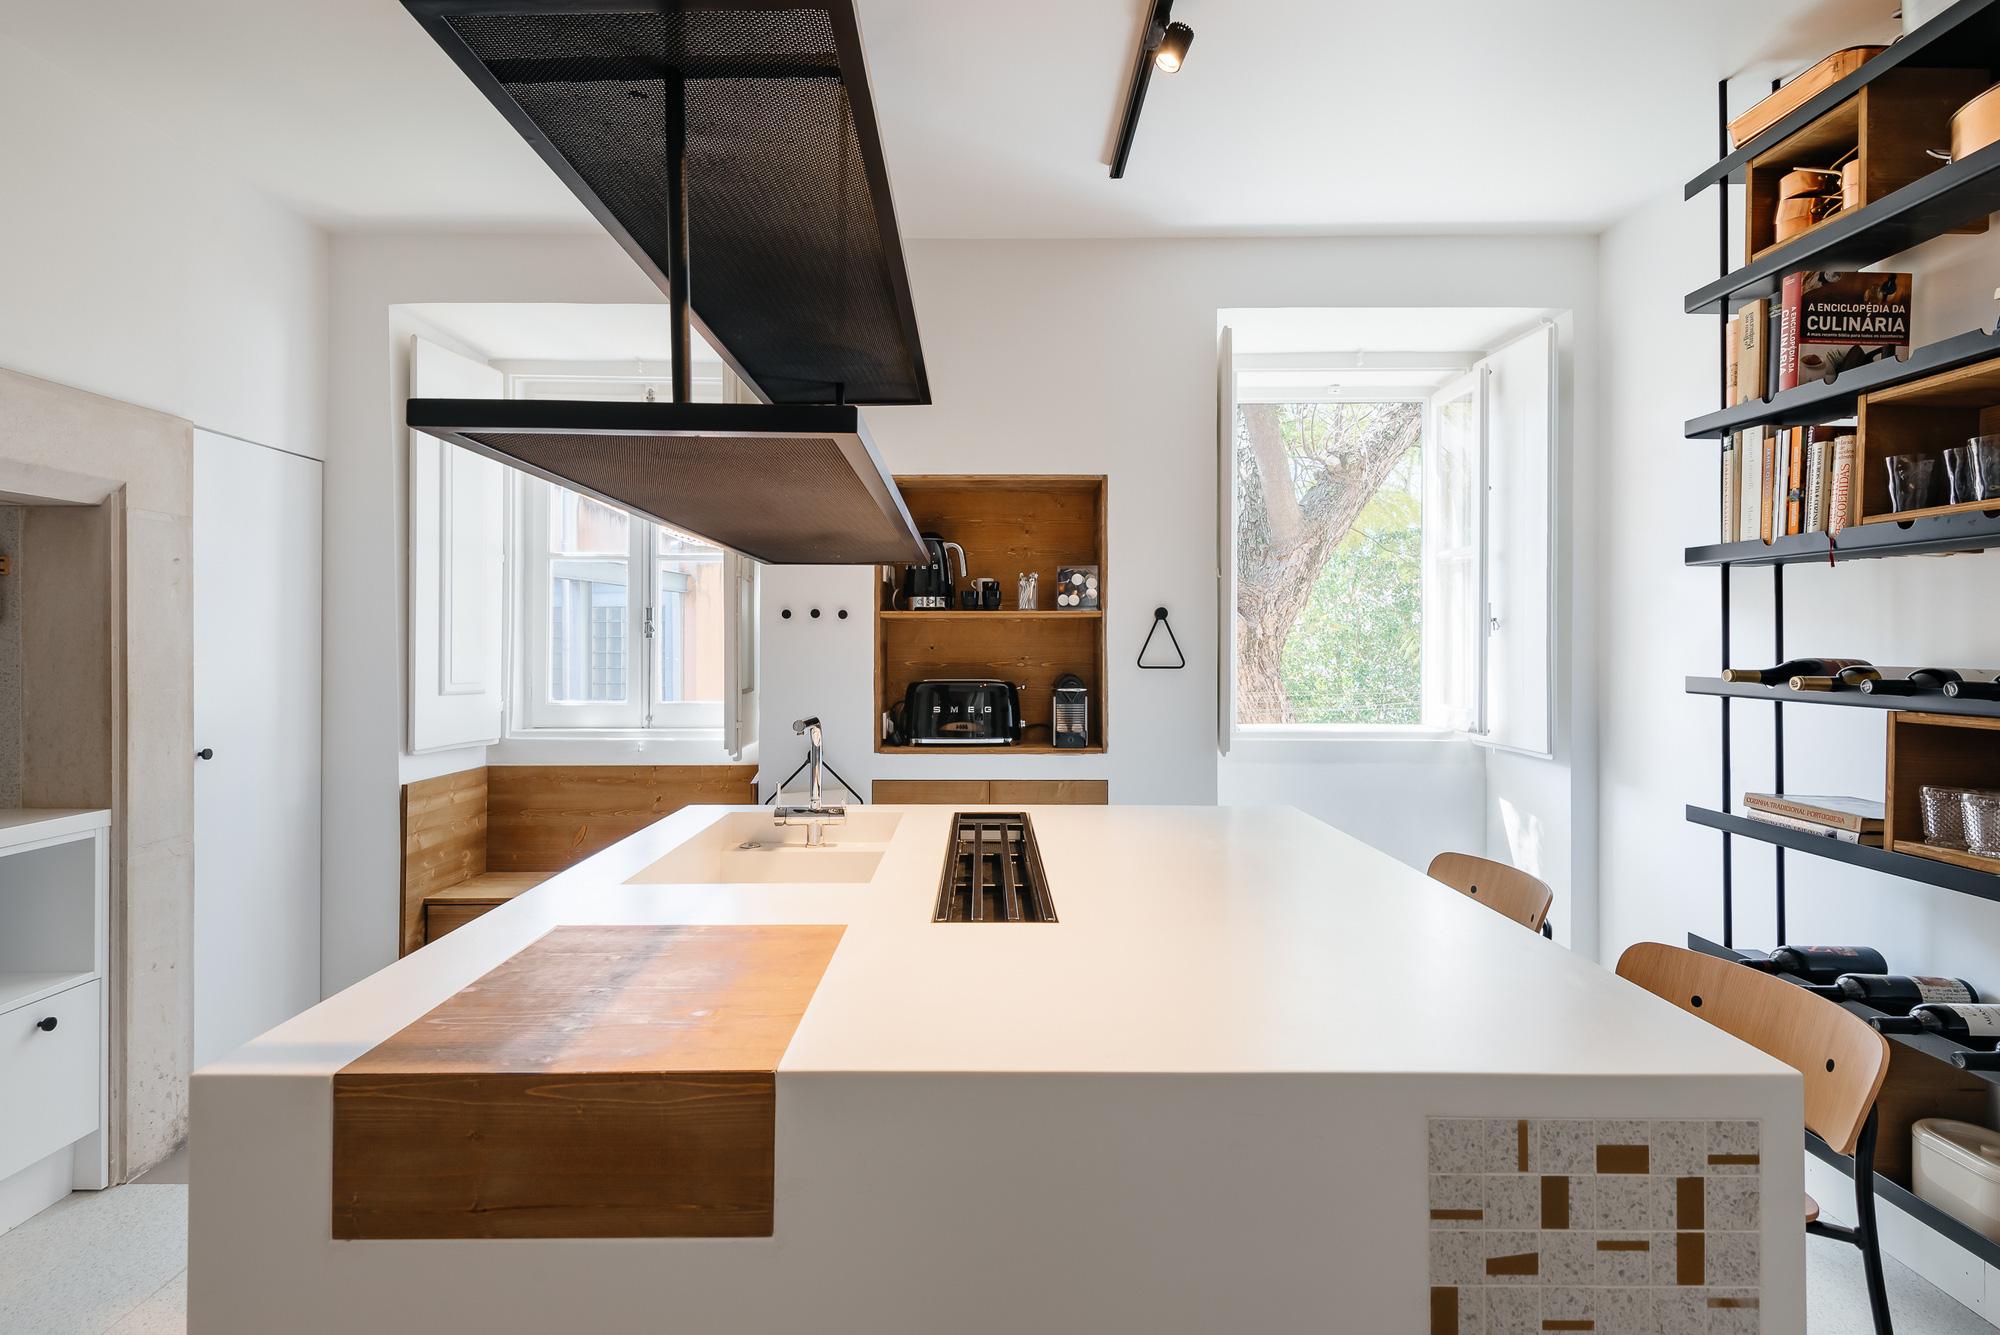 Khác với tính lịch sử của cả tòa nhà, căn hộ này mang nét đẹp đối lập hoàn toàn khiến ai nhìn một lần cũng khó lòng rời mắt - Ảnh 8.